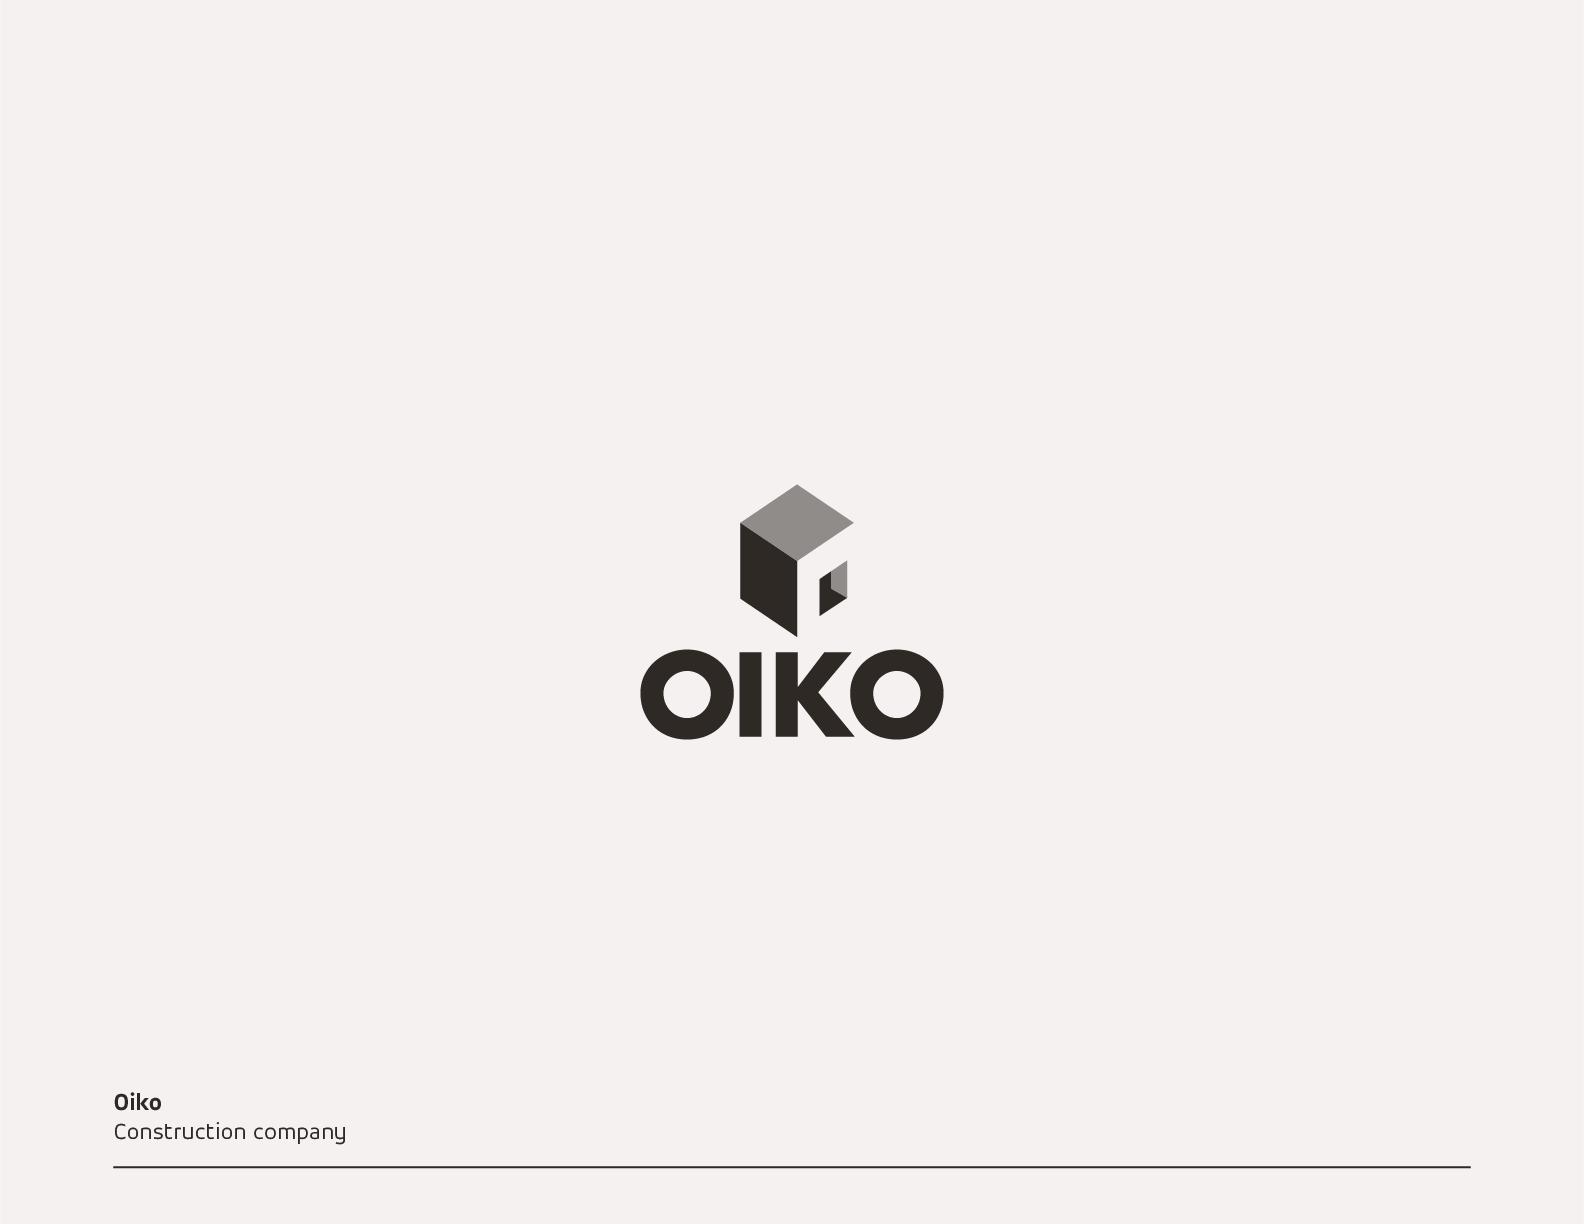 建築会社のロゴ提案5